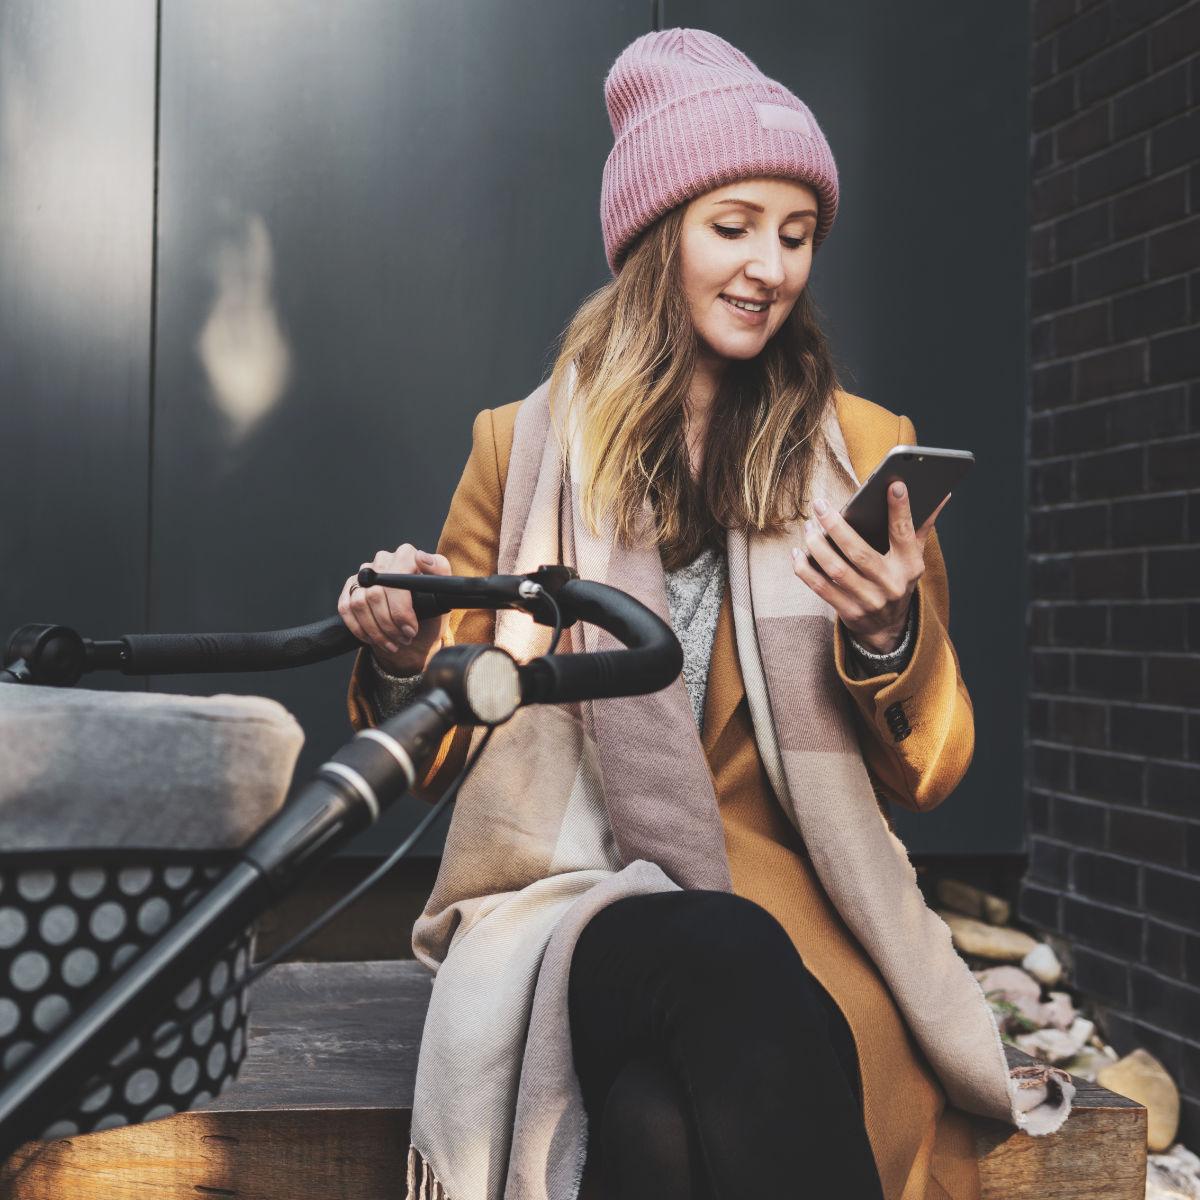 stylink, Vergütungsplattform für Influencer, Instagram Geld verdienen, YouTube Geld verdienen, Mamiblogger, Blog